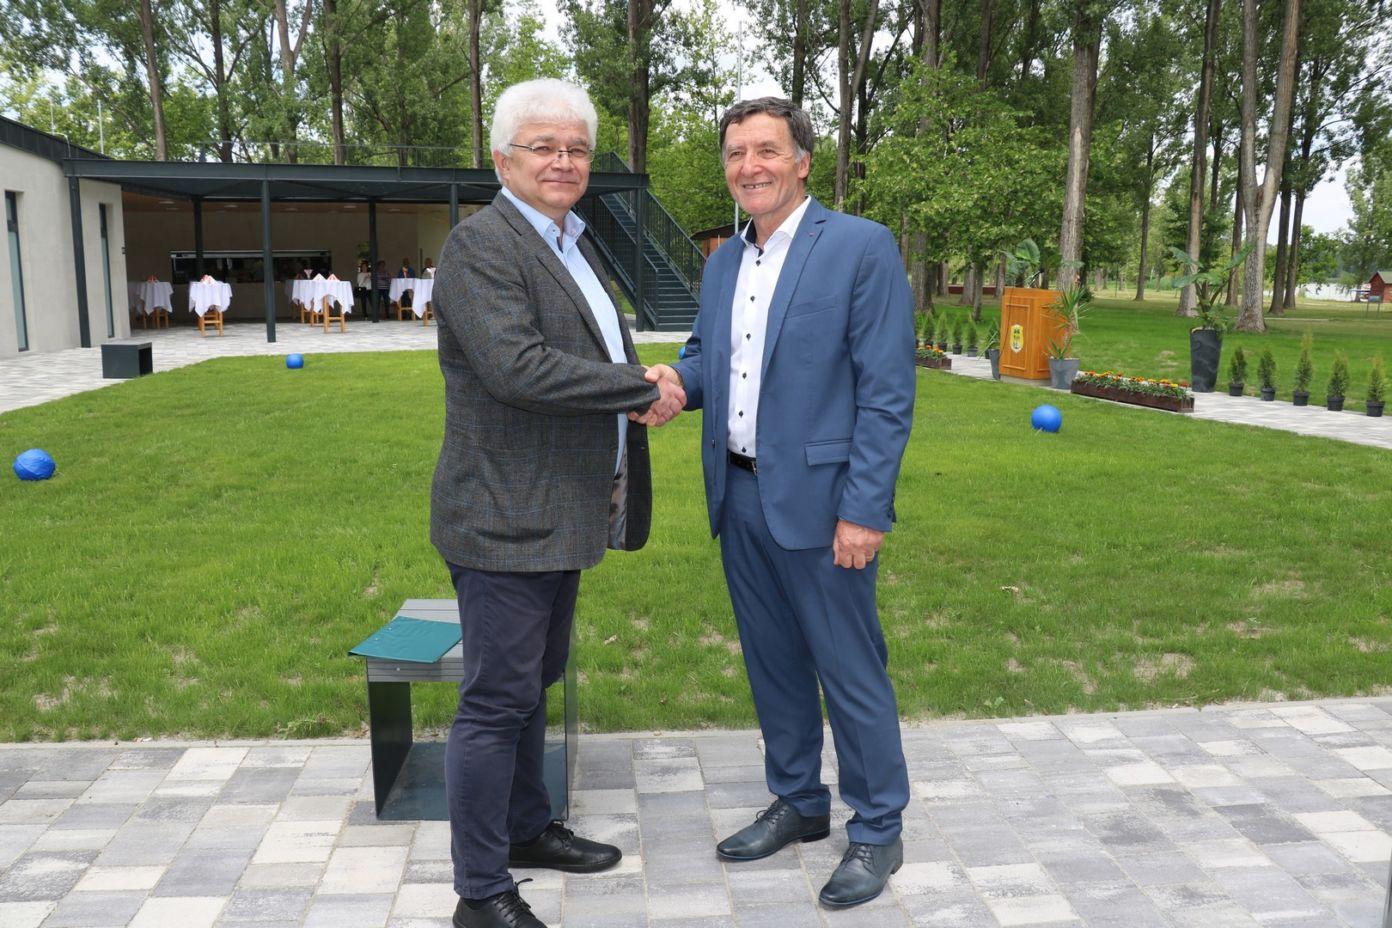 Többmilliós kiegészítő támogatást kapott Soltvadkert Város Önkormányzata a Vadkerti-tó fejlesztéséhez